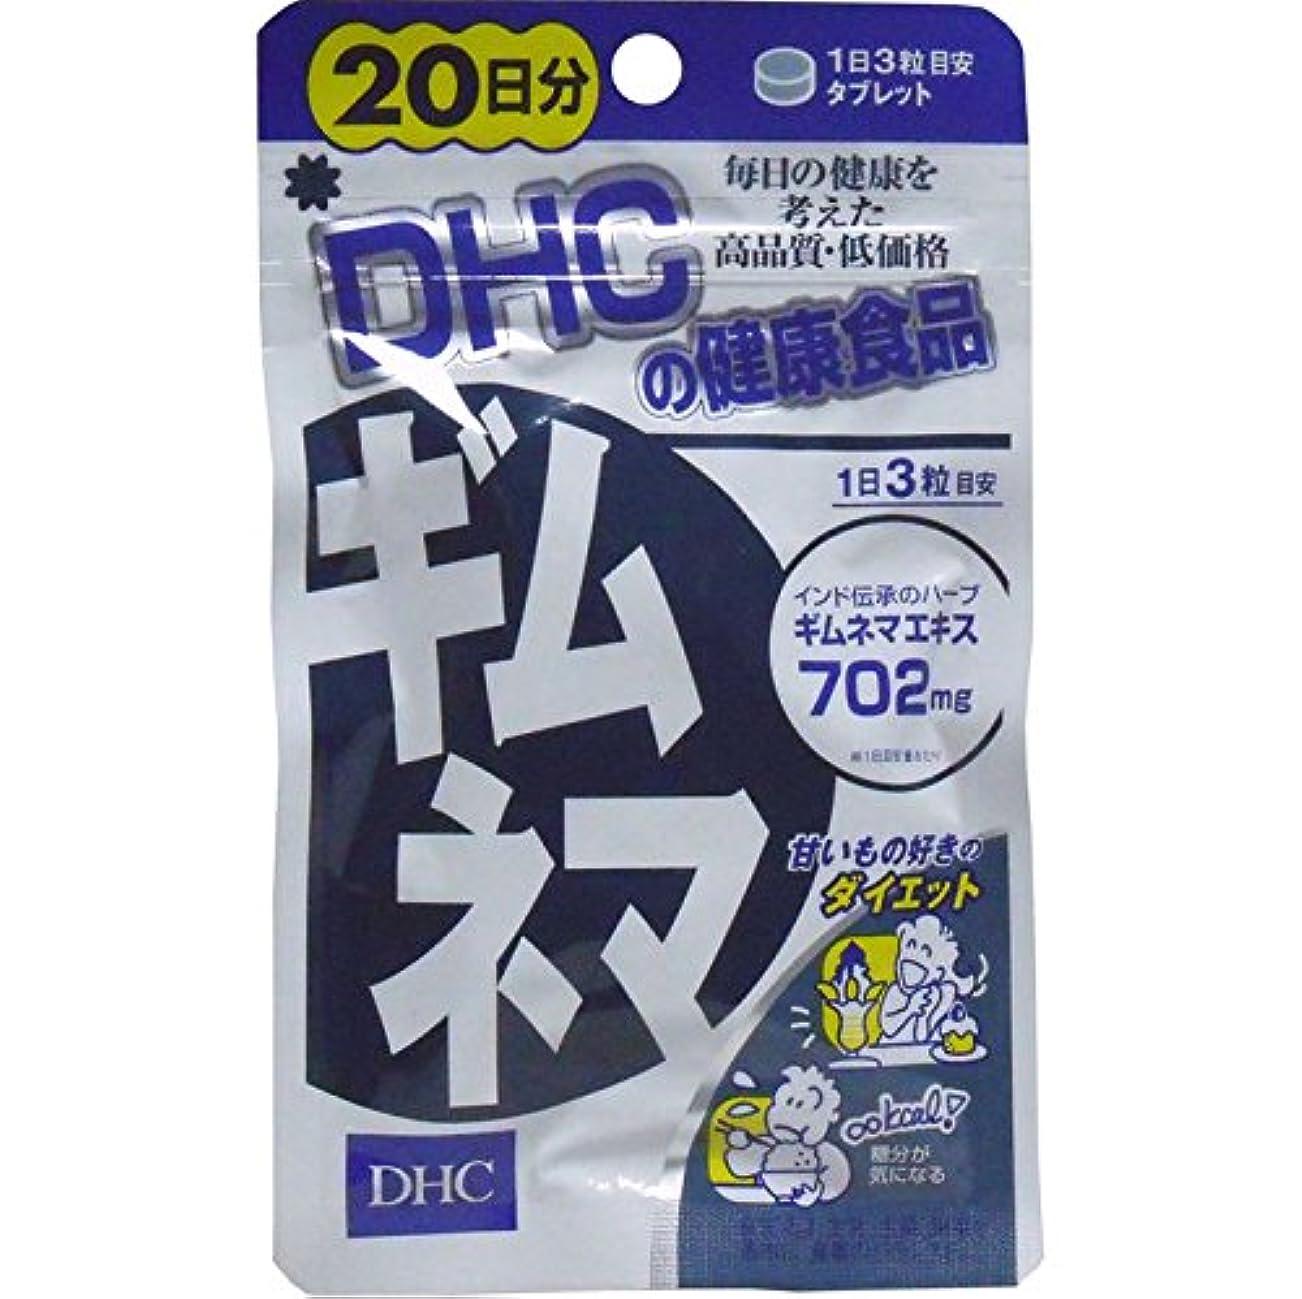 カカドゥマント最悪我慢せずに余分な糖分をブロック DHC ギムネマ 20日分 60粒